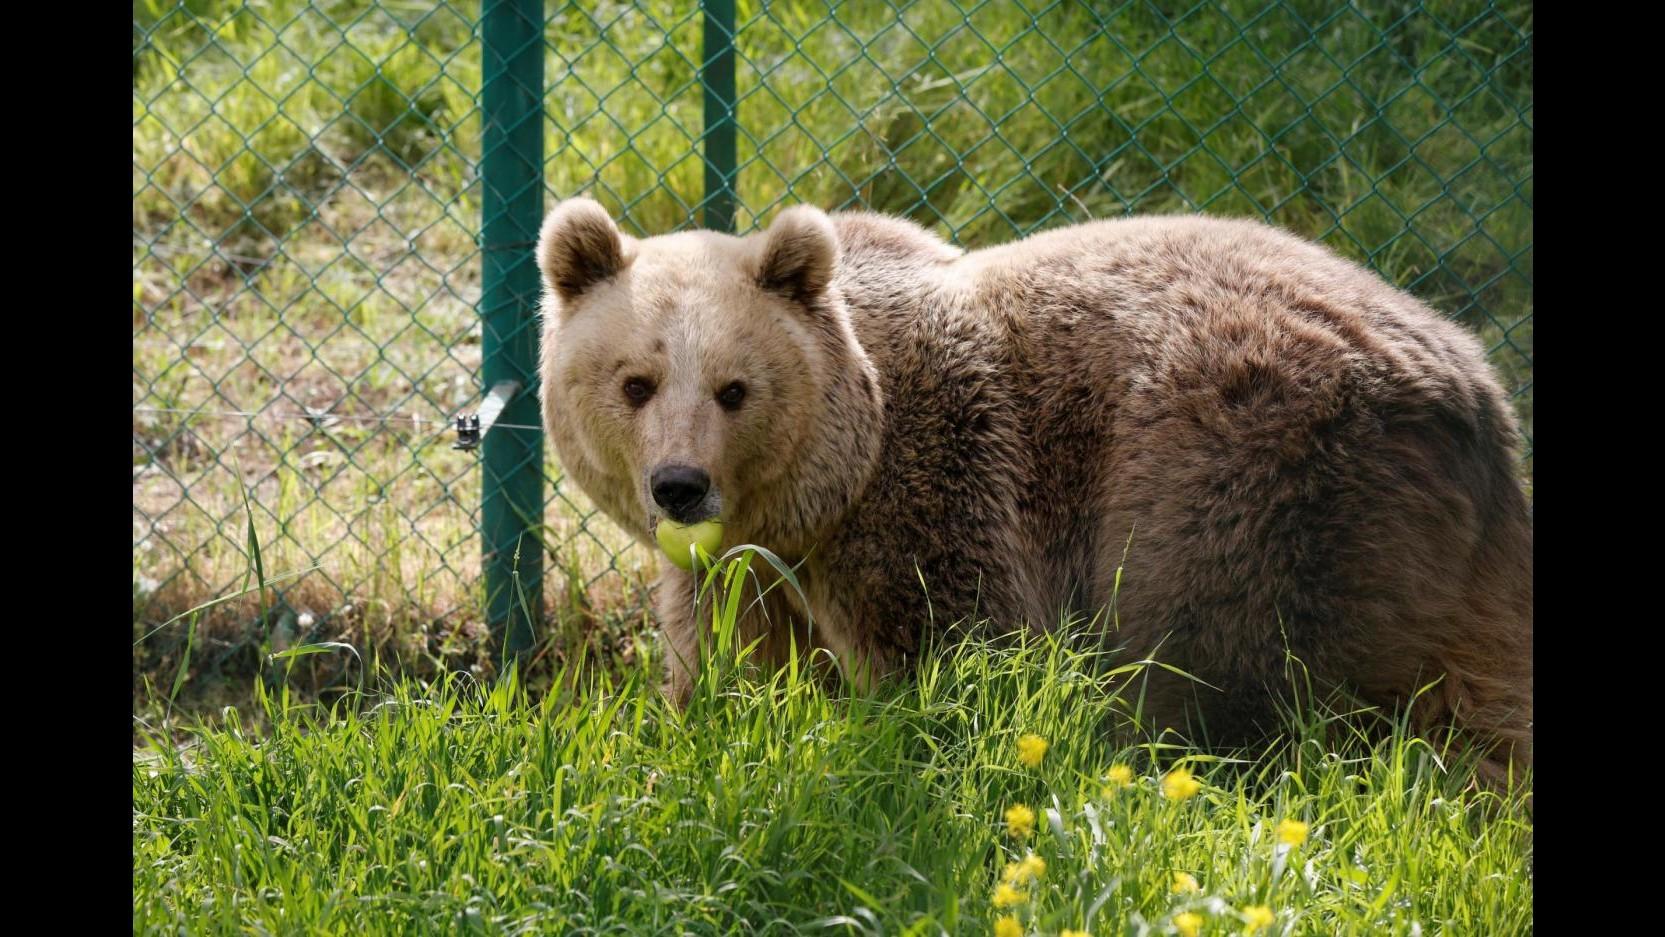 Animalisti in rivolta dopo l'abbattimento dell'orsa KJ2